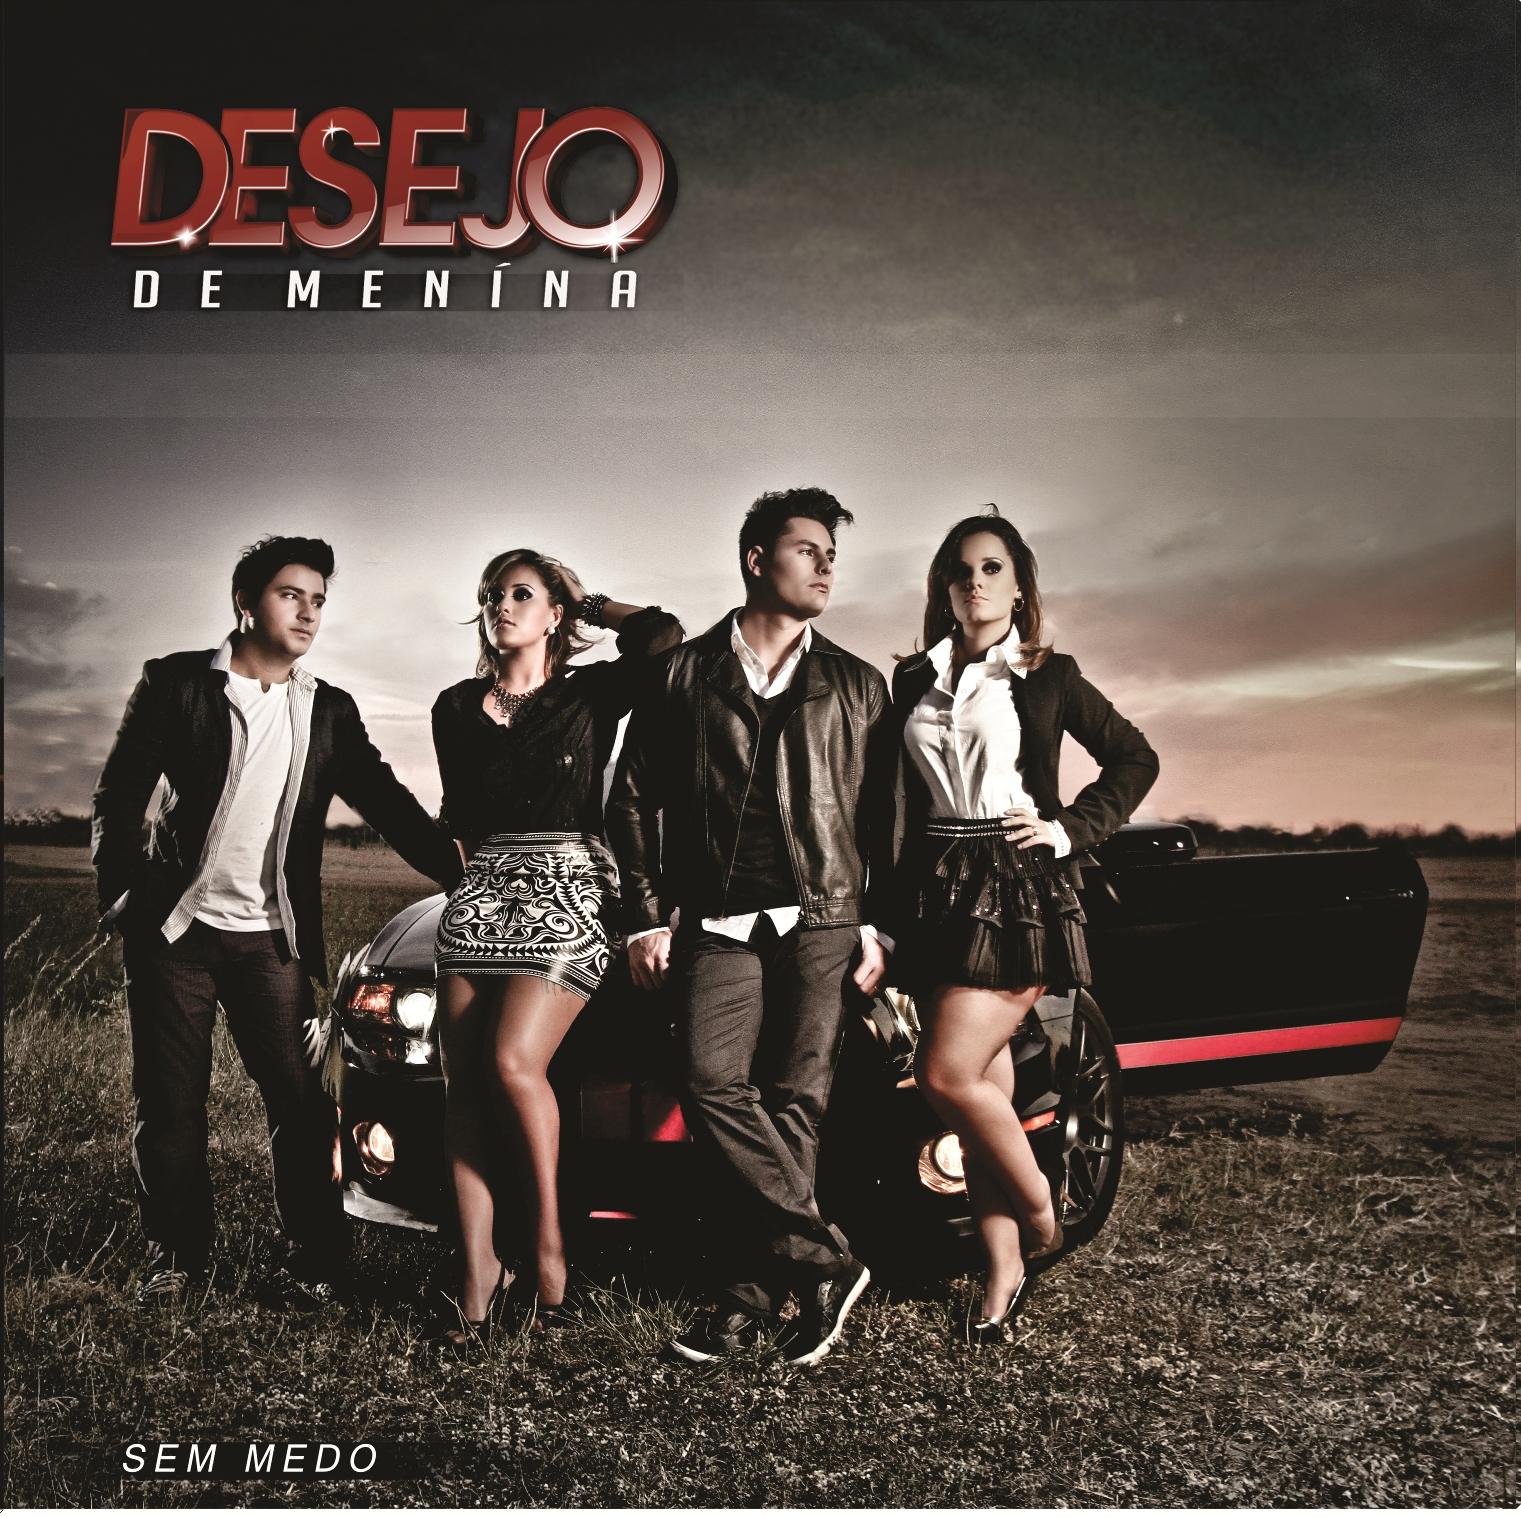 Baixar CD Desejo de Menina sem medo 2013 Desejo de Menina – Sem Medo Vol.08 (2013)